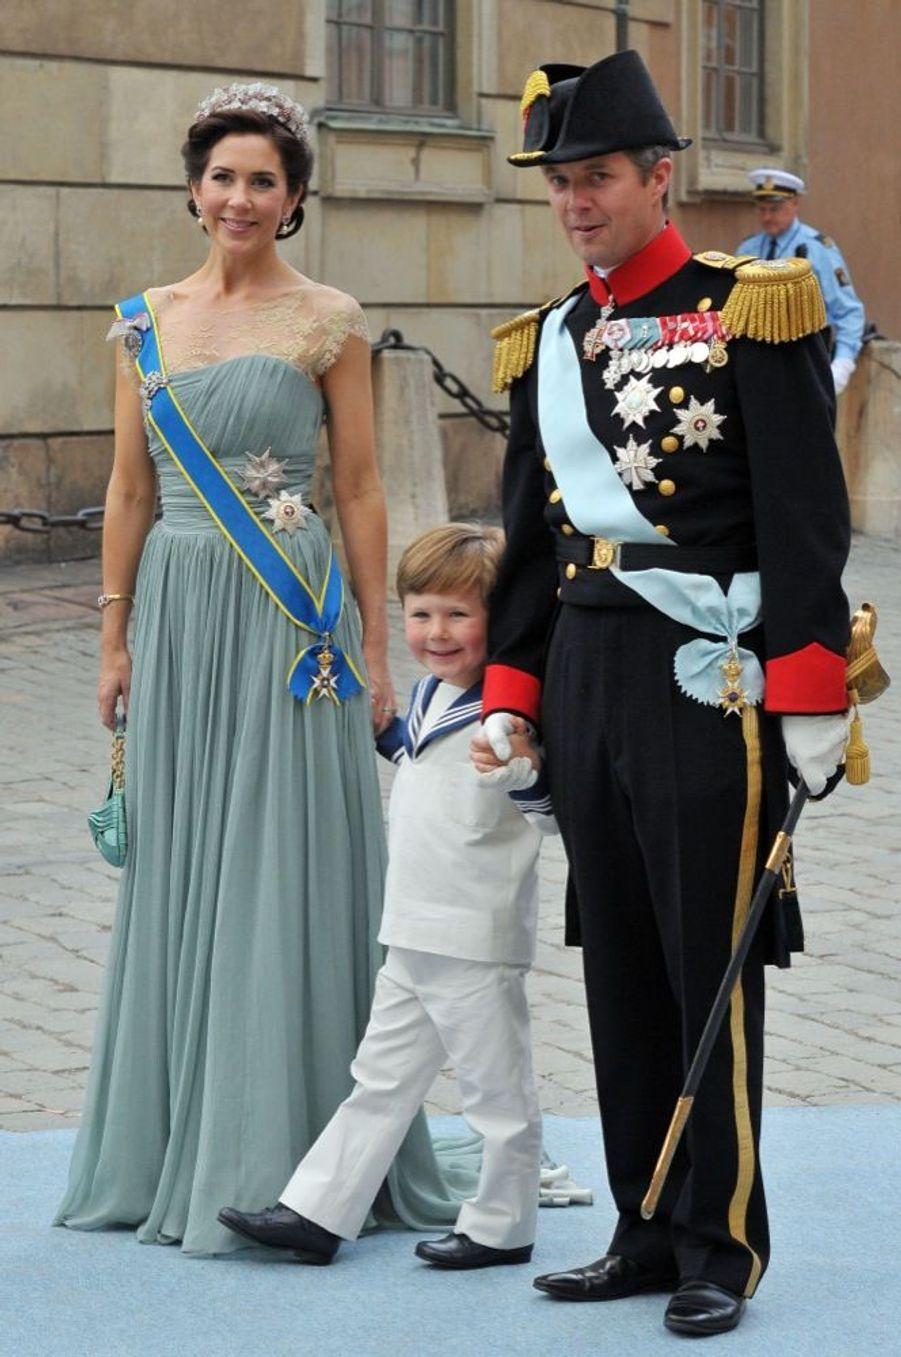 Mary etFrederik de Danemark, avec leur fils Christian, aumariage de la princesse Victoria de Suède et de Daniel Westling, samedi 19 juin 2010 au palais royal de Stockholm.